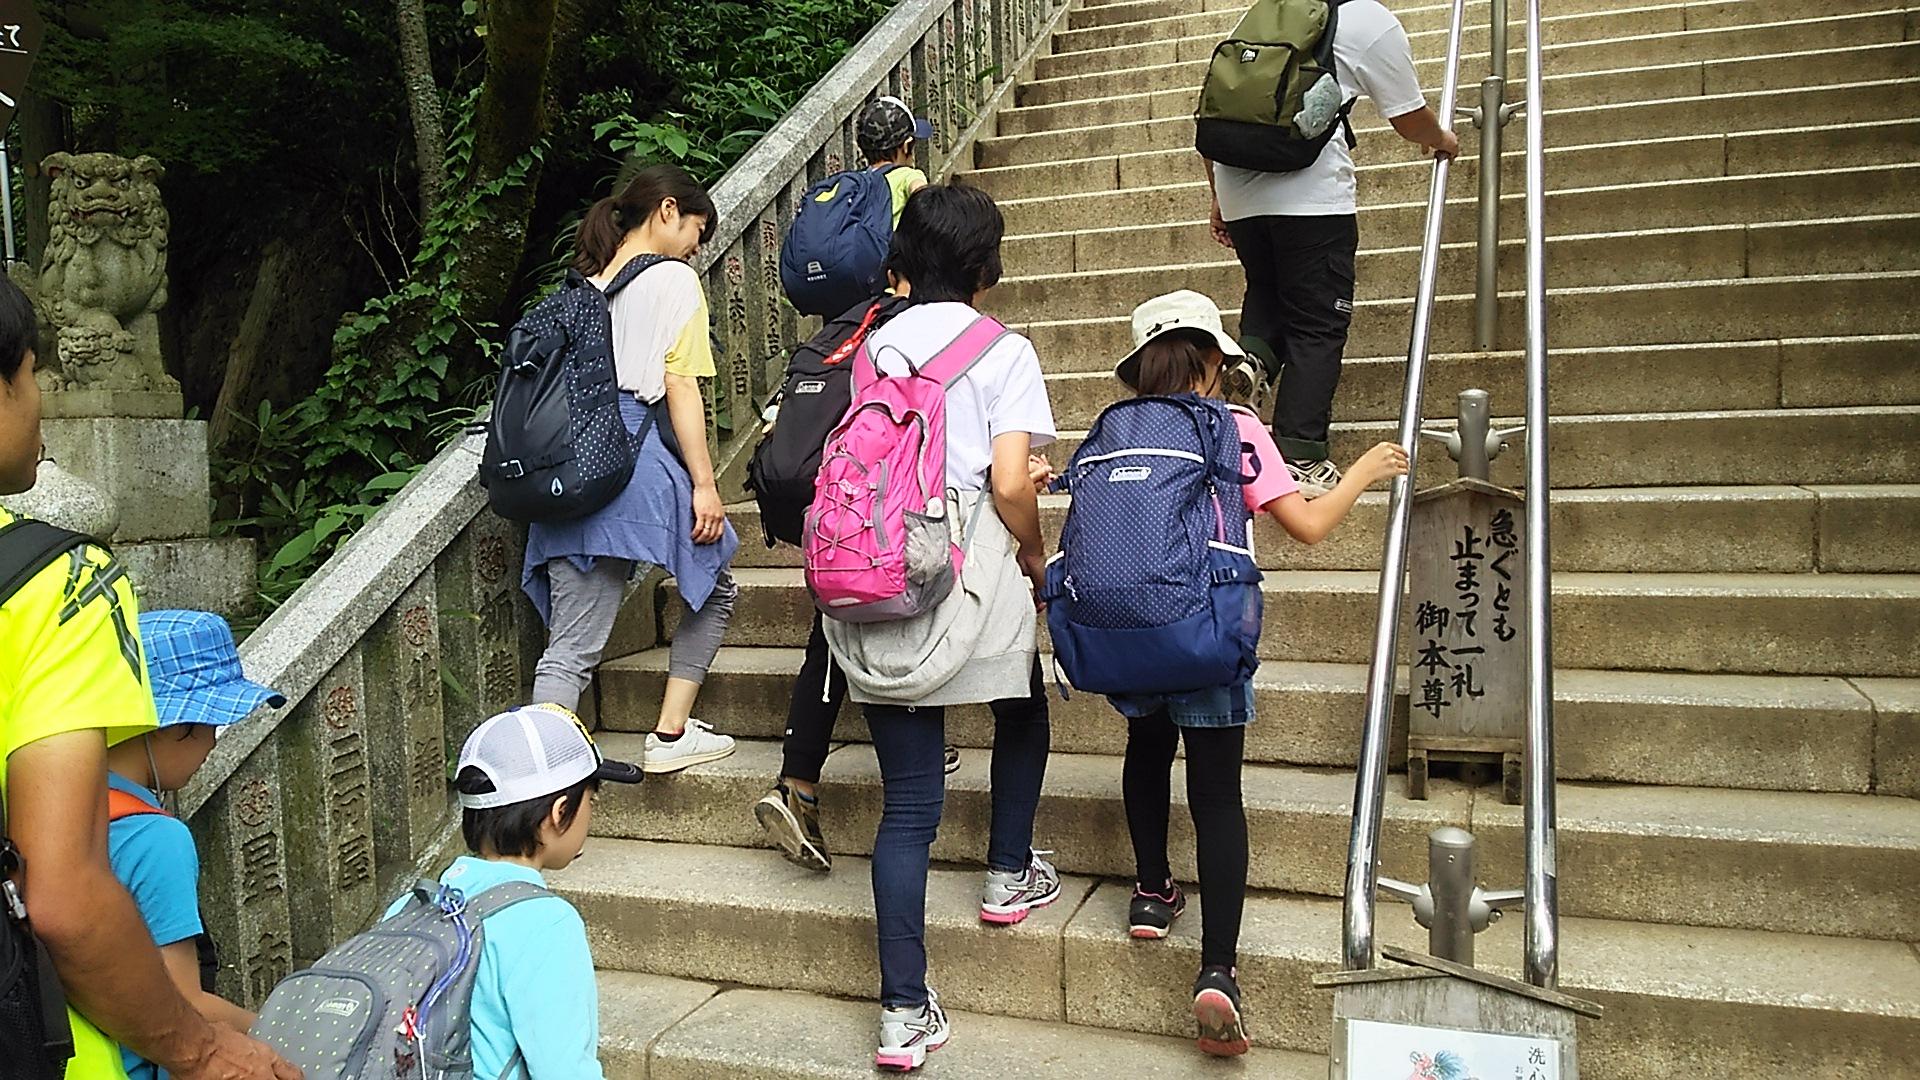 発達障害の子どもたちと高尾山へハイキングに行きました